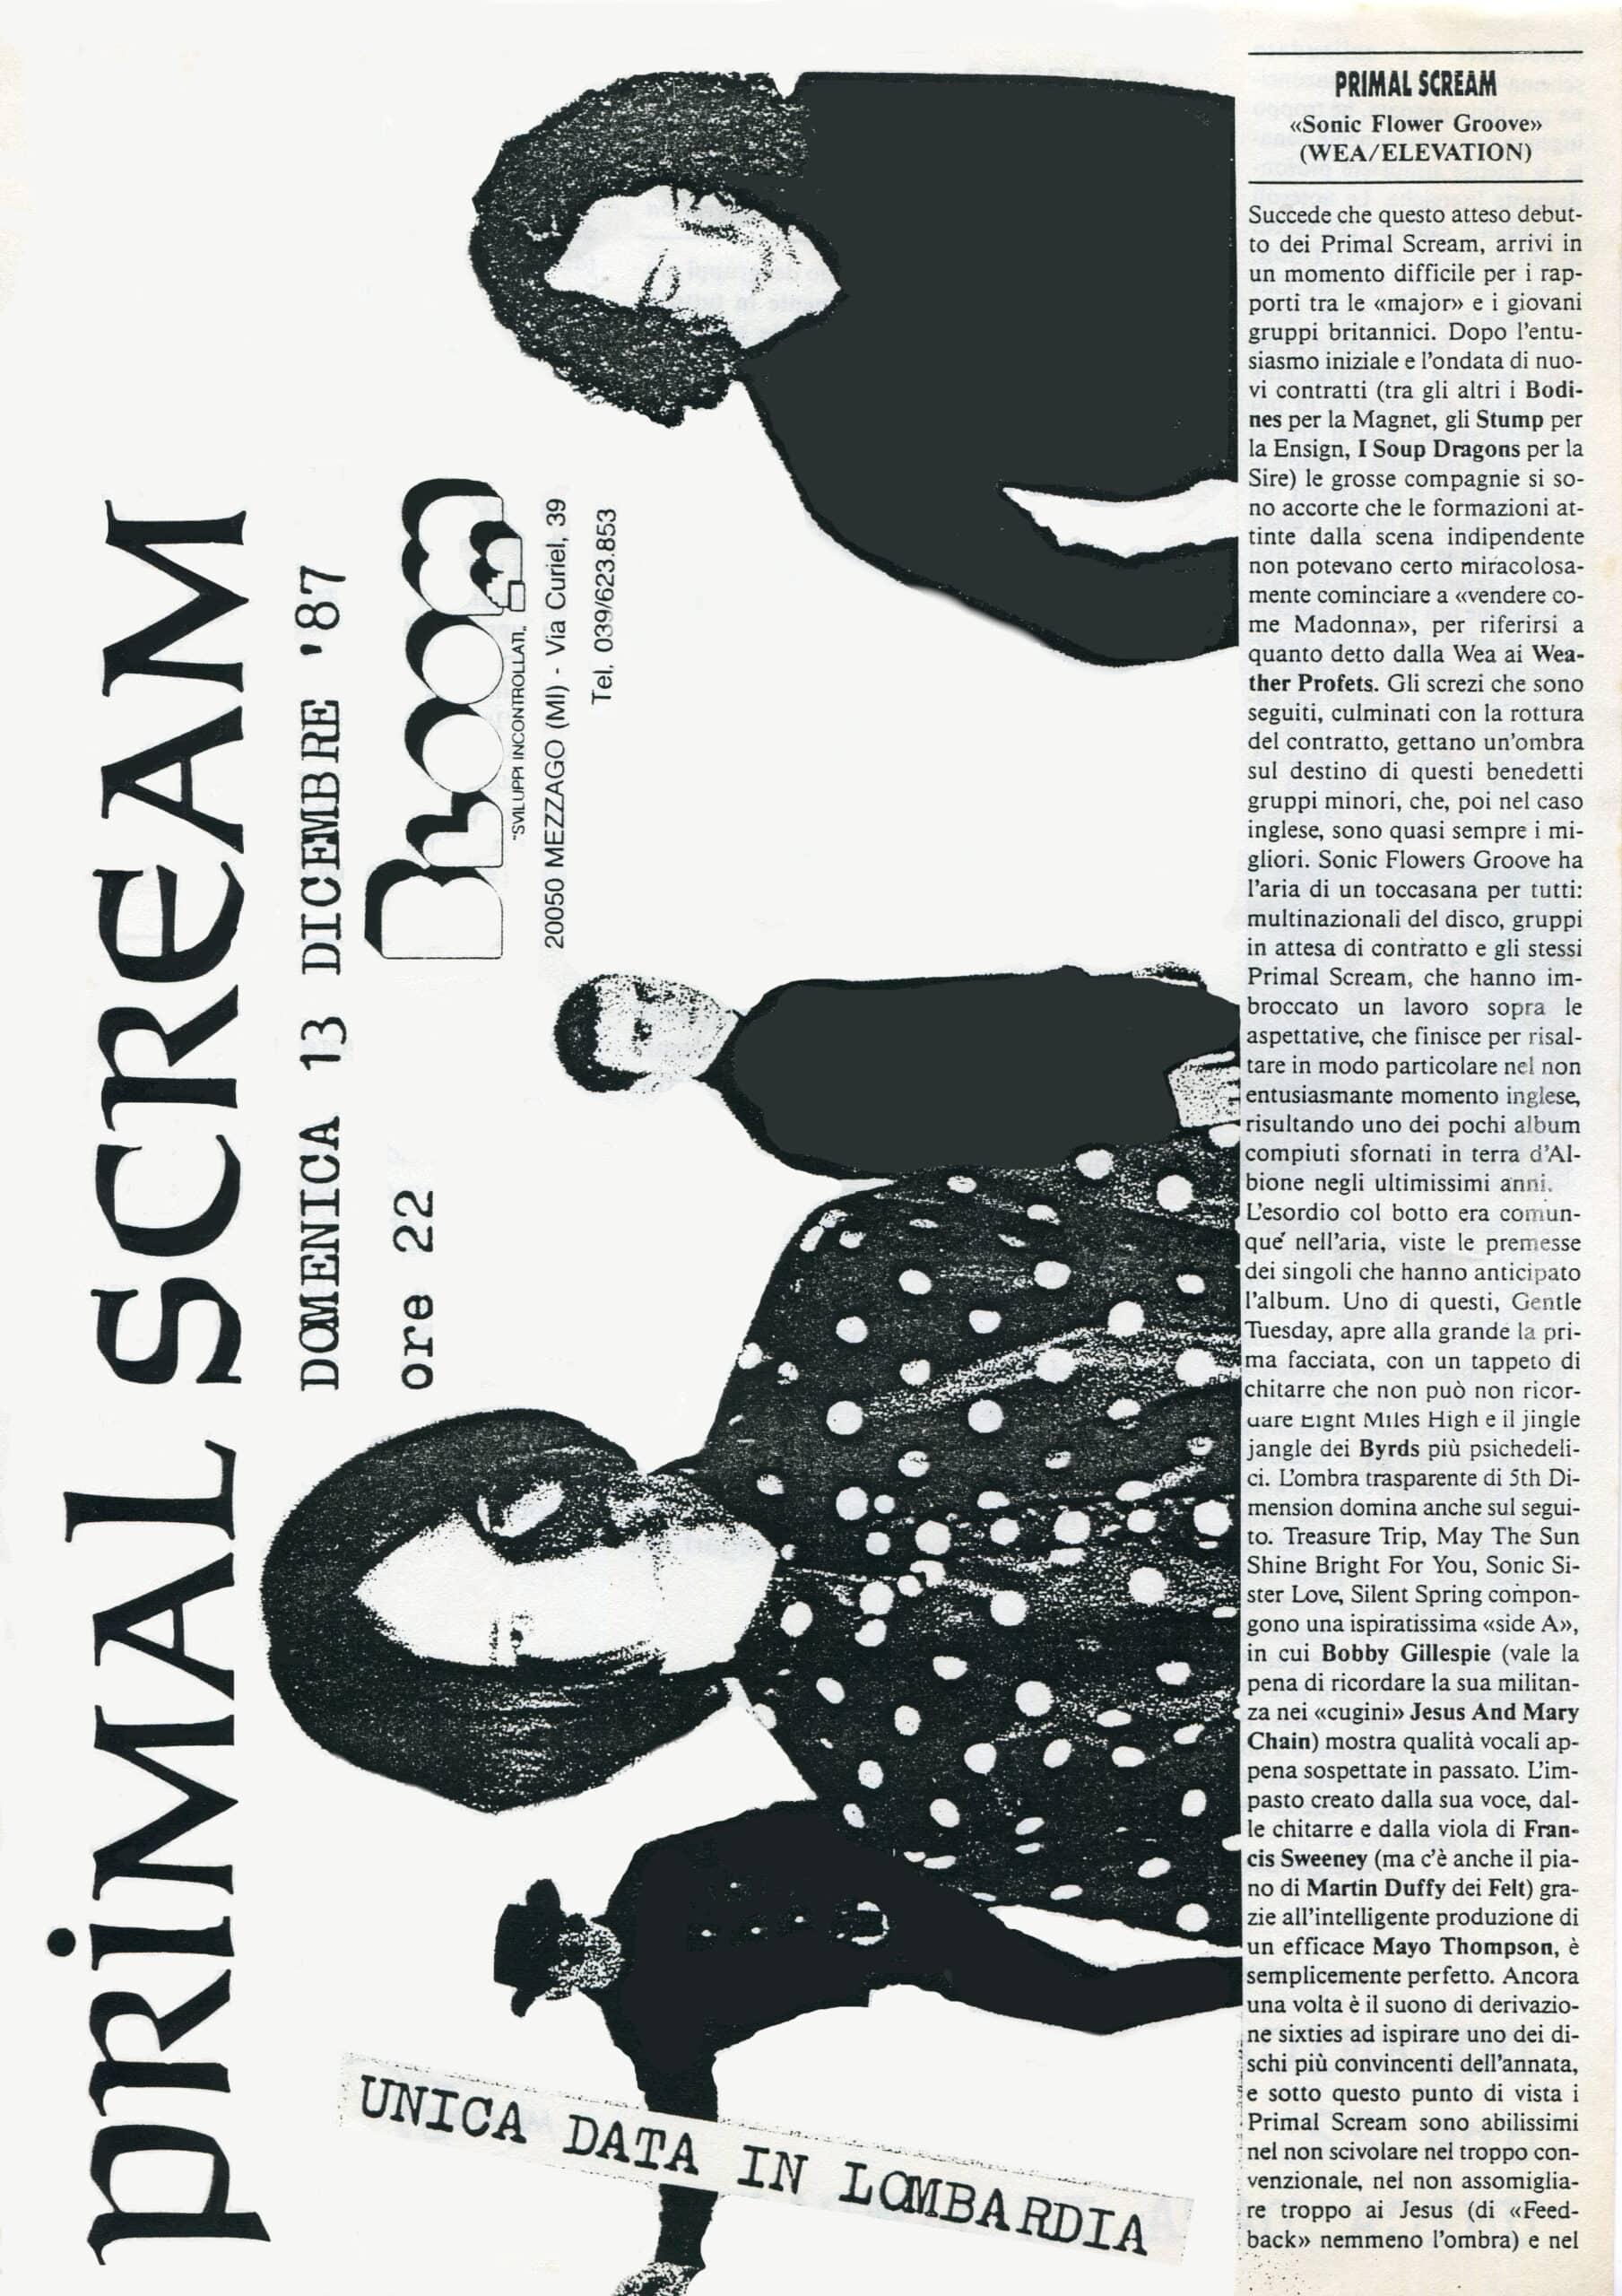 Volantino fotocopiato dei Primal Scream. 1987 Primal Scream (28.1.90